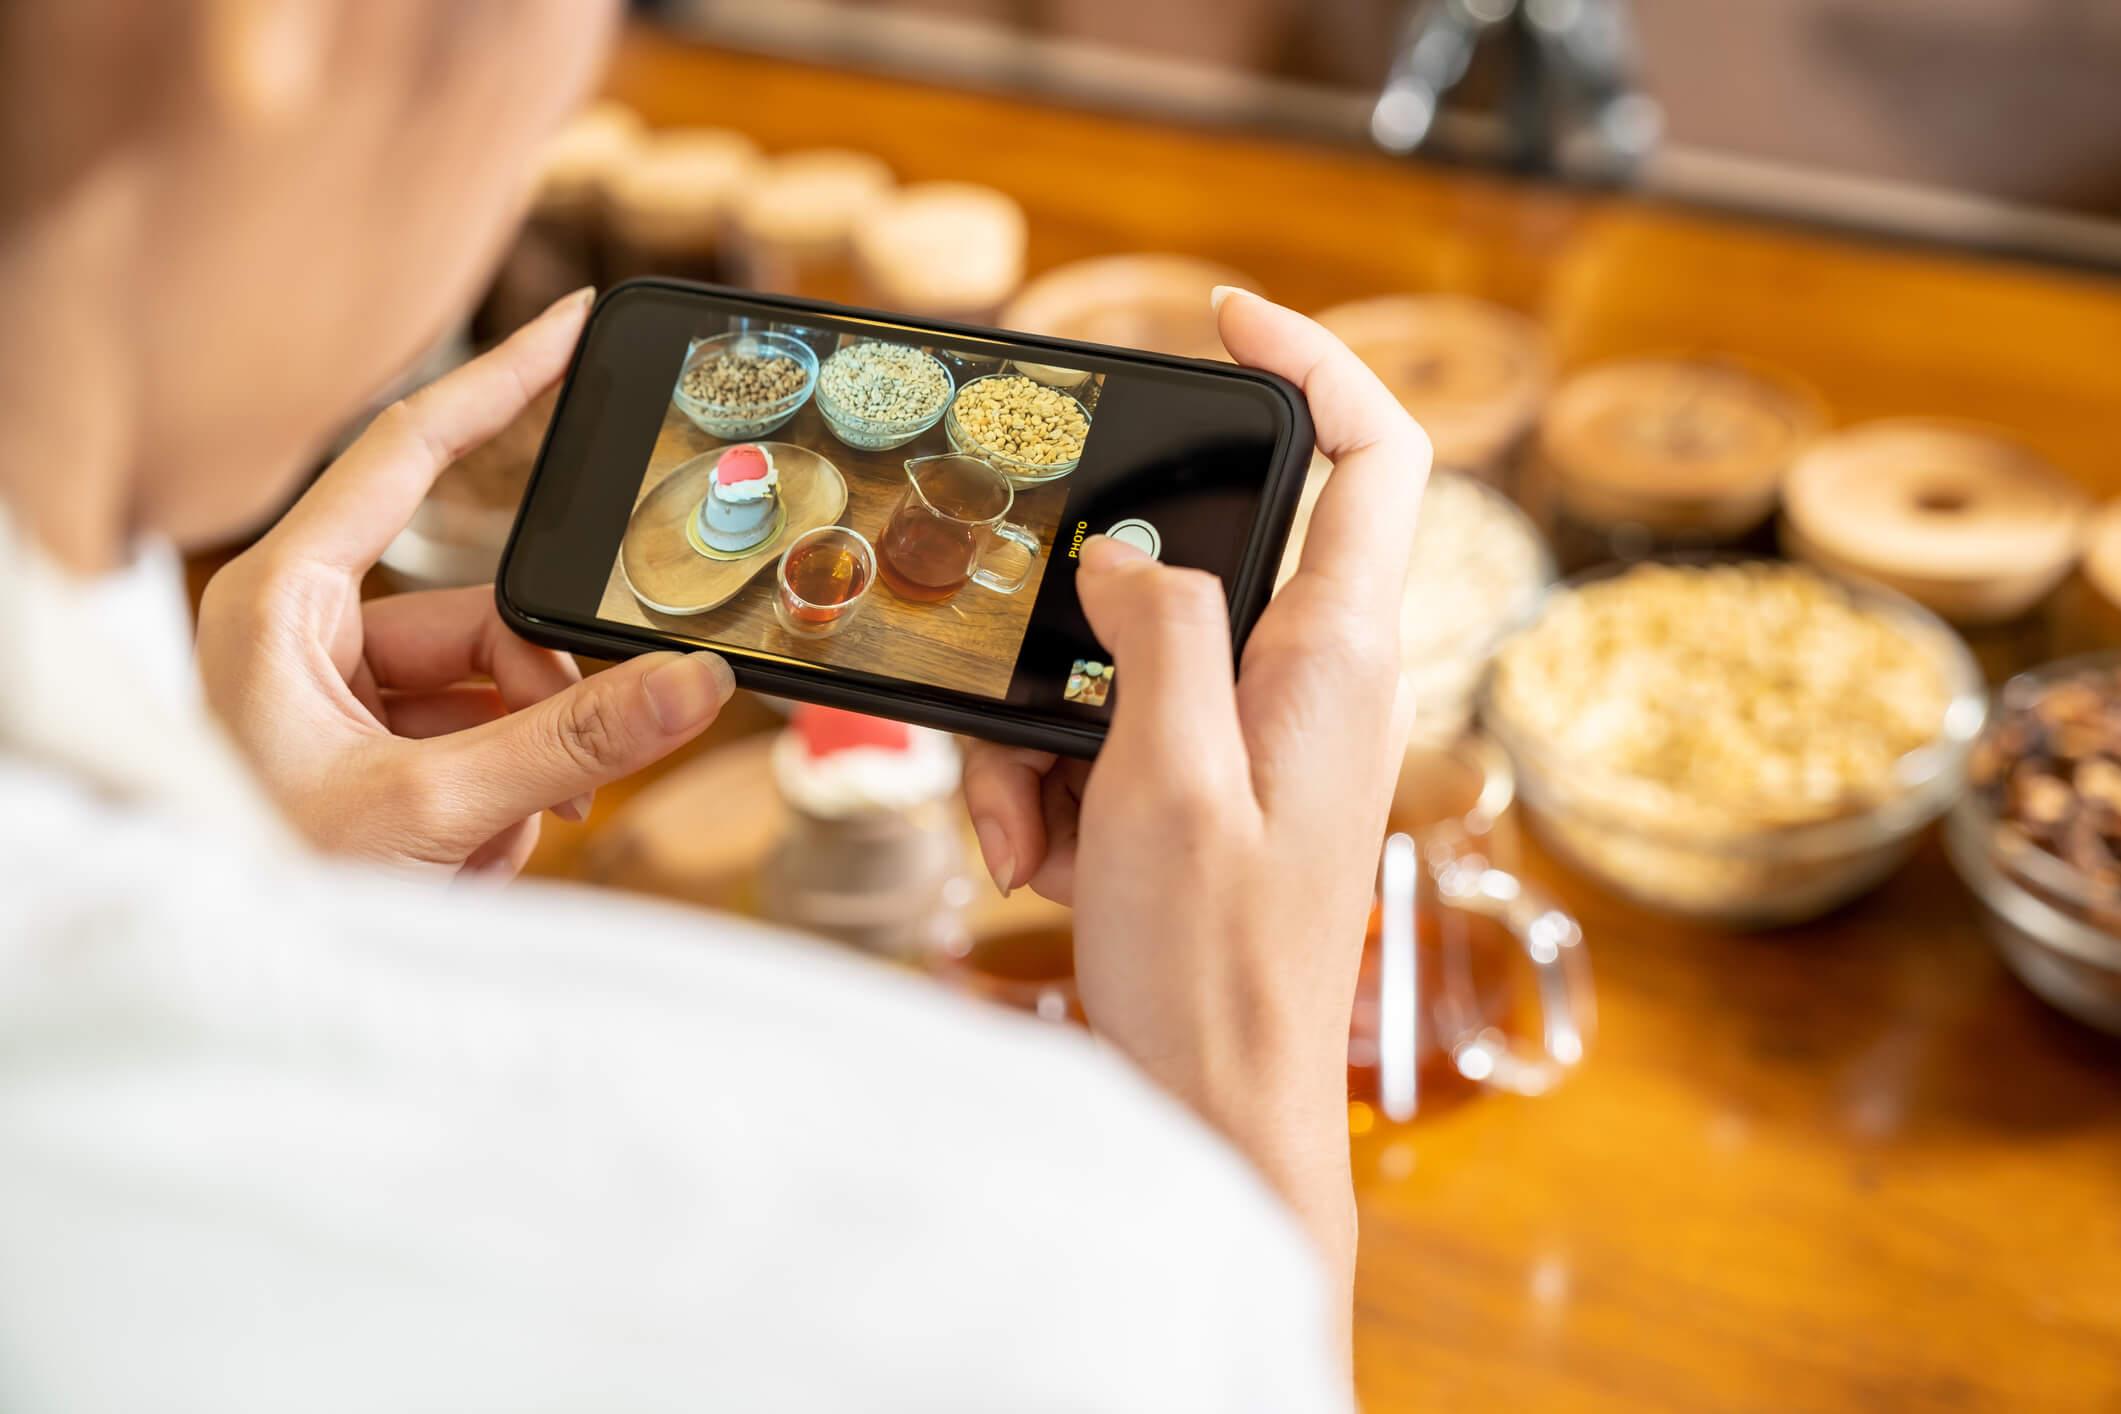 Top 5 telemóveis com as melhores câmaras fotográficas